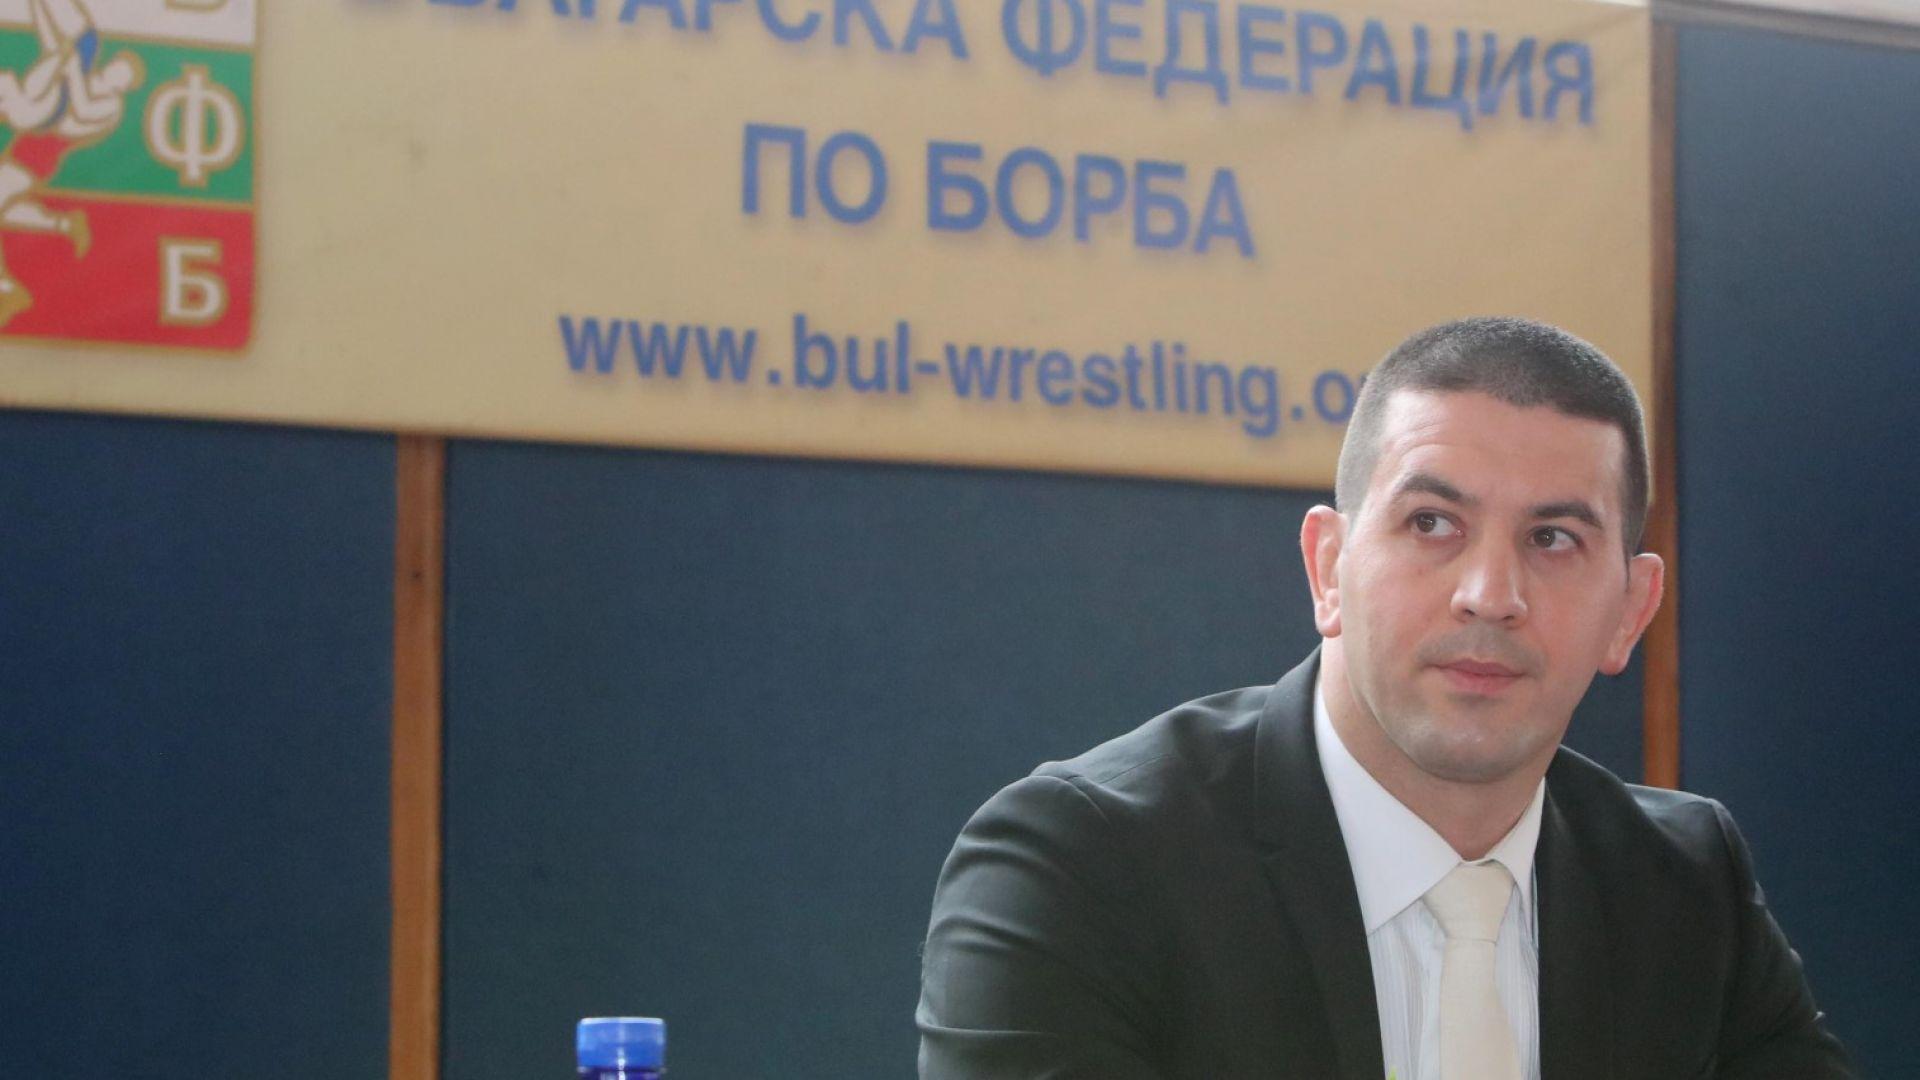 Нов 4-годишен мандат за Христо Маринов като президент на българската борба